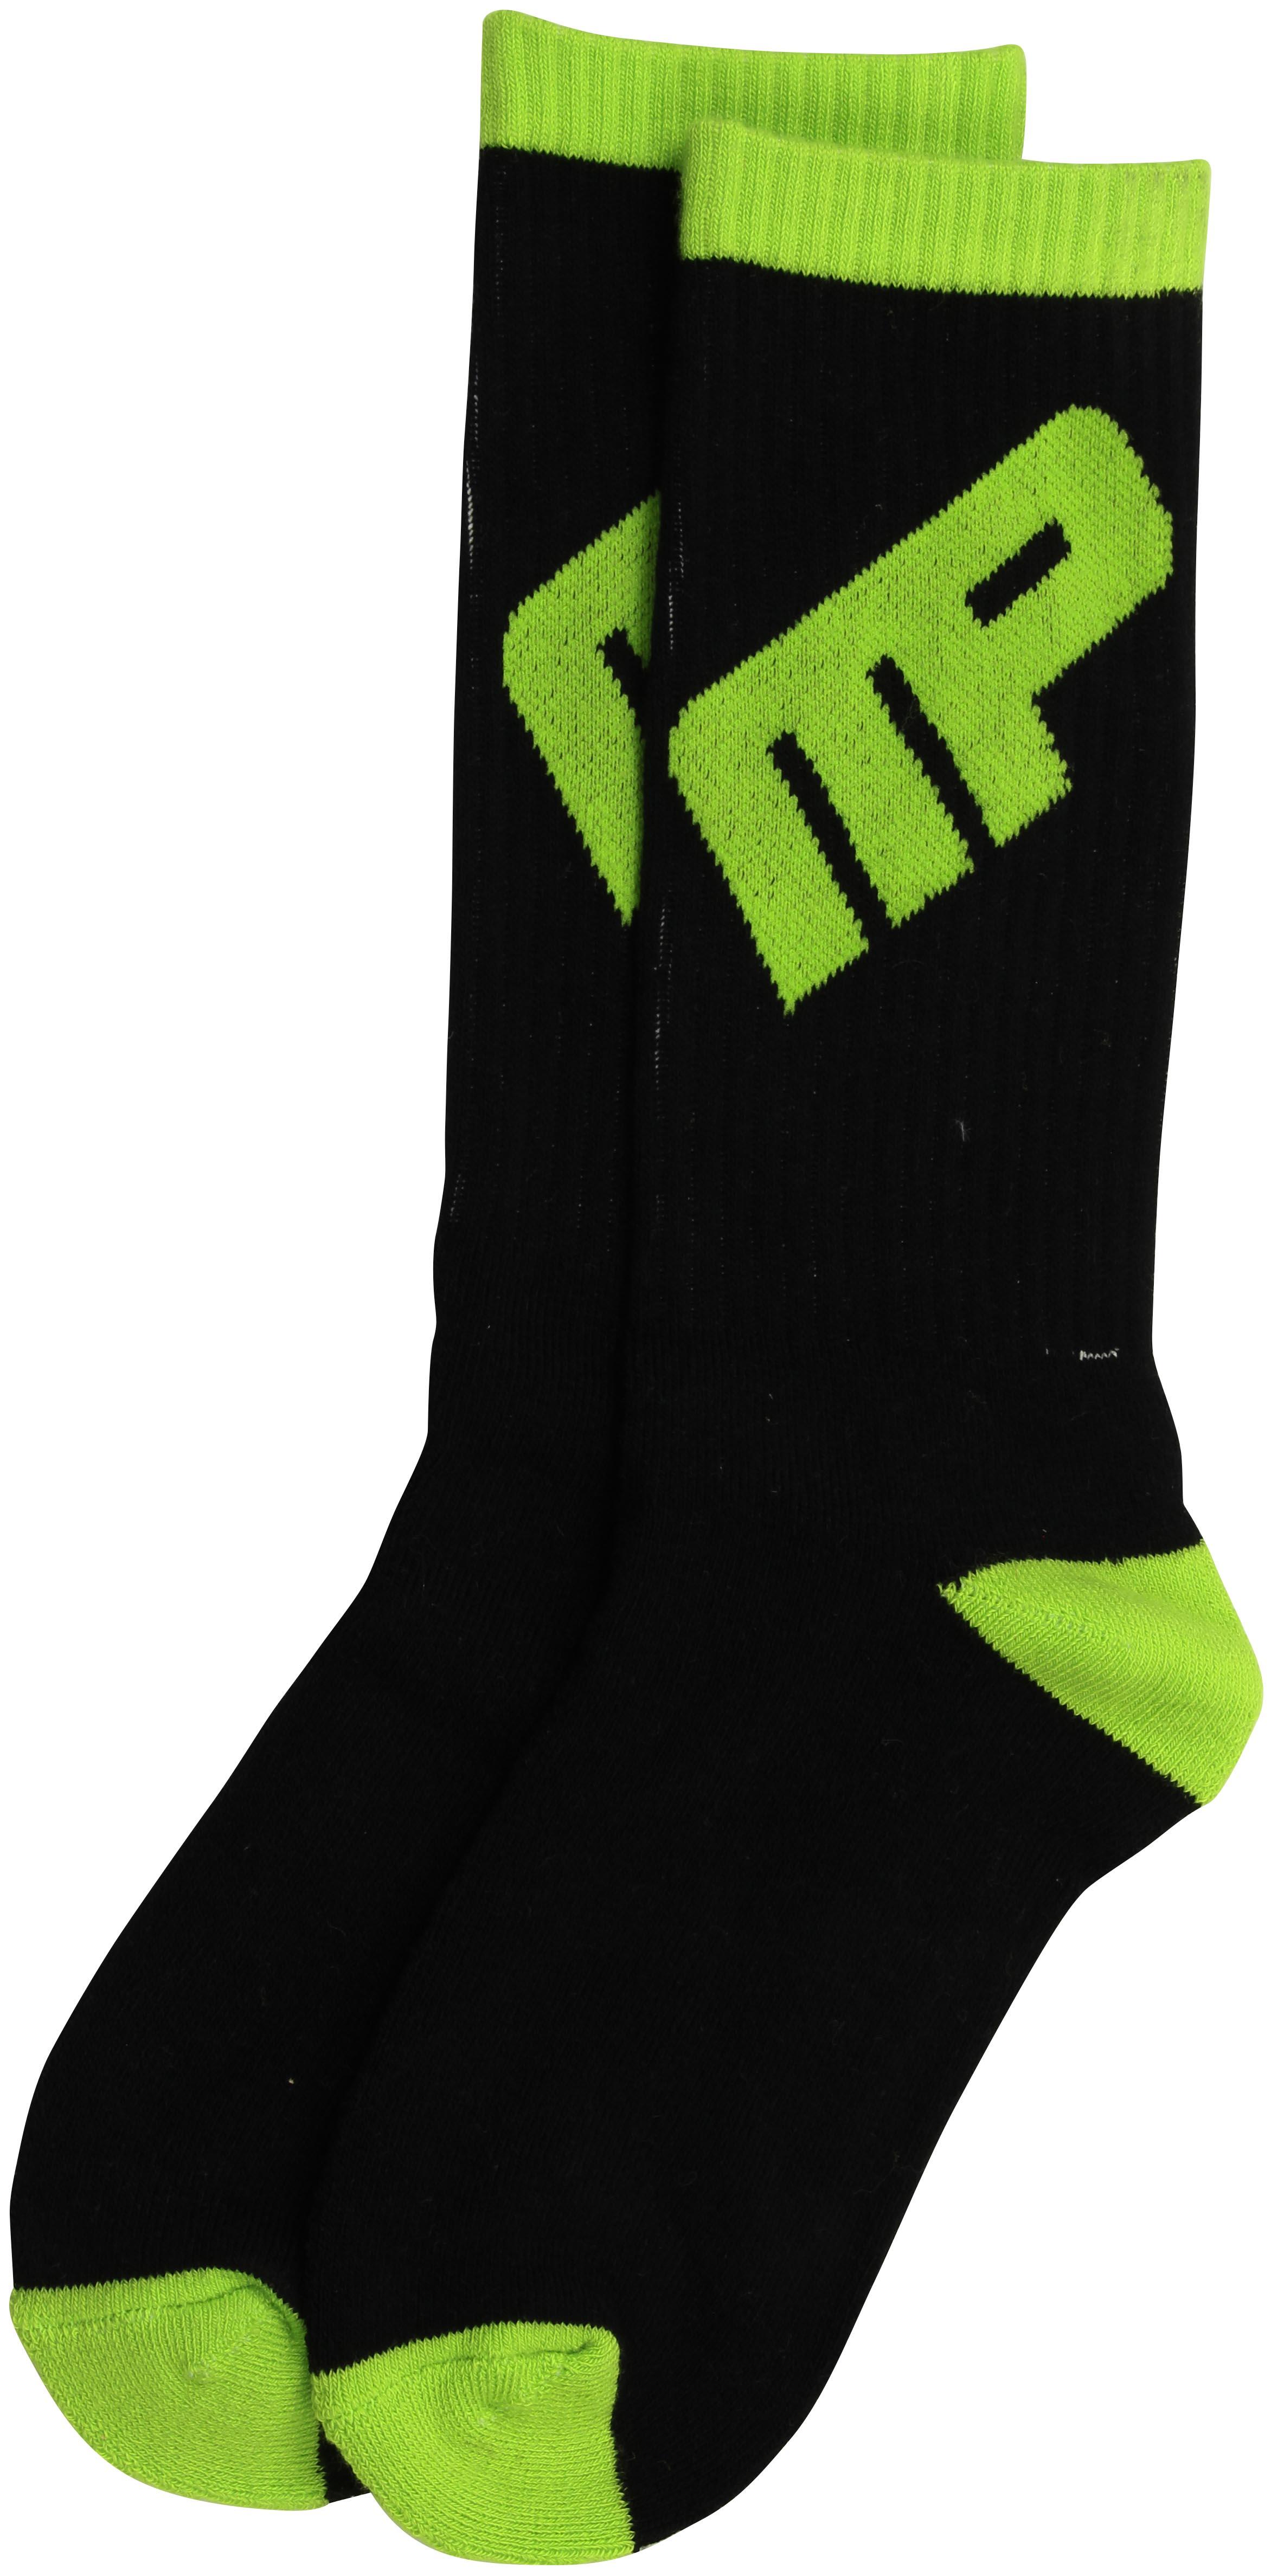 Groundhog Day Pattern Unisex Novelty Premium Calf High Athletic Socks Fashional Tube Stockings Size 6-10